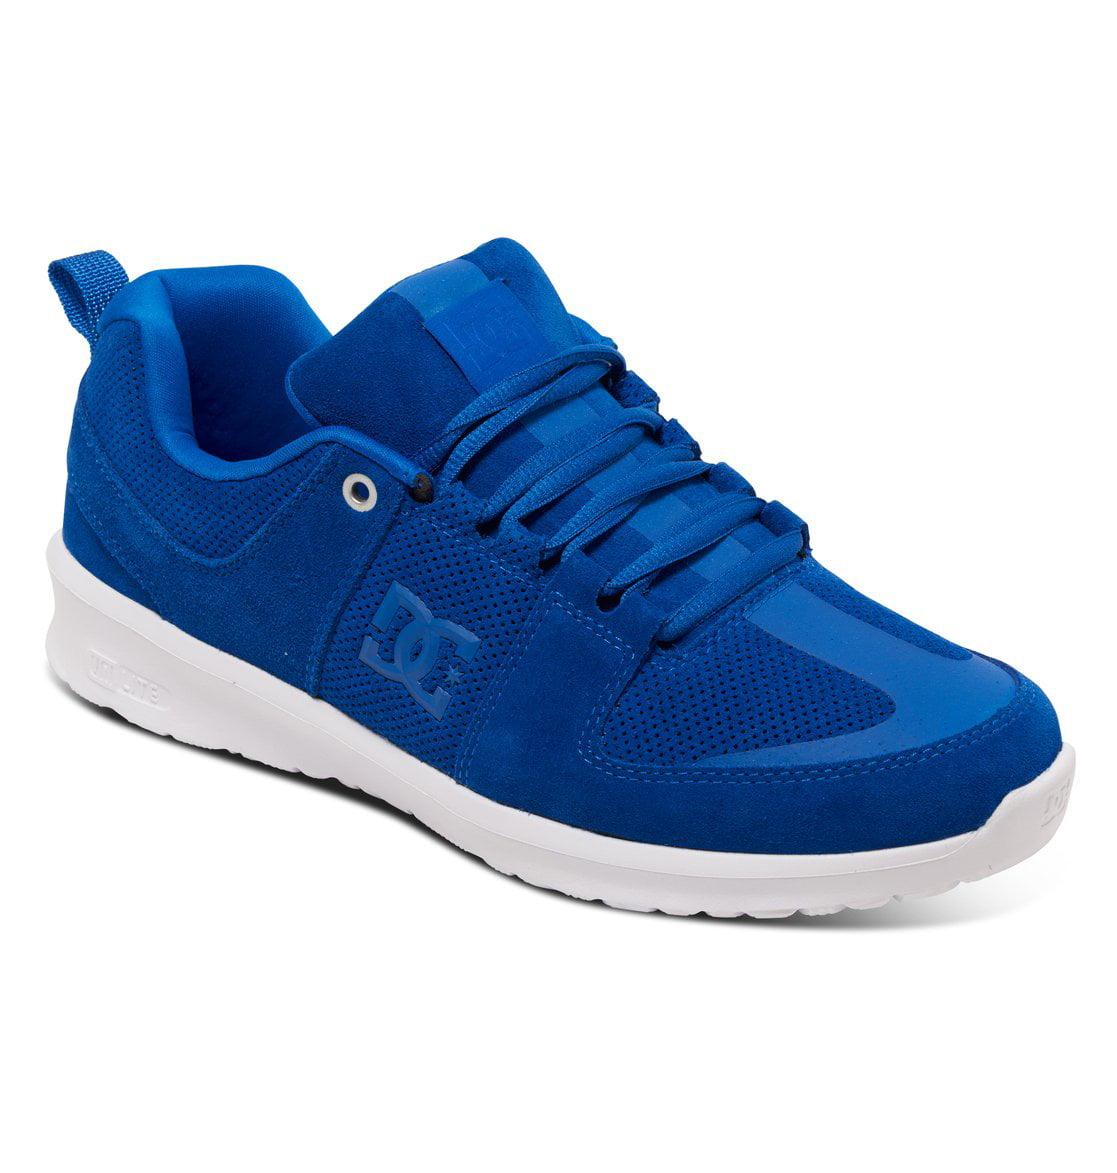 DC Men's Lynx Lite Skate Shoes Blue Leather 4 D